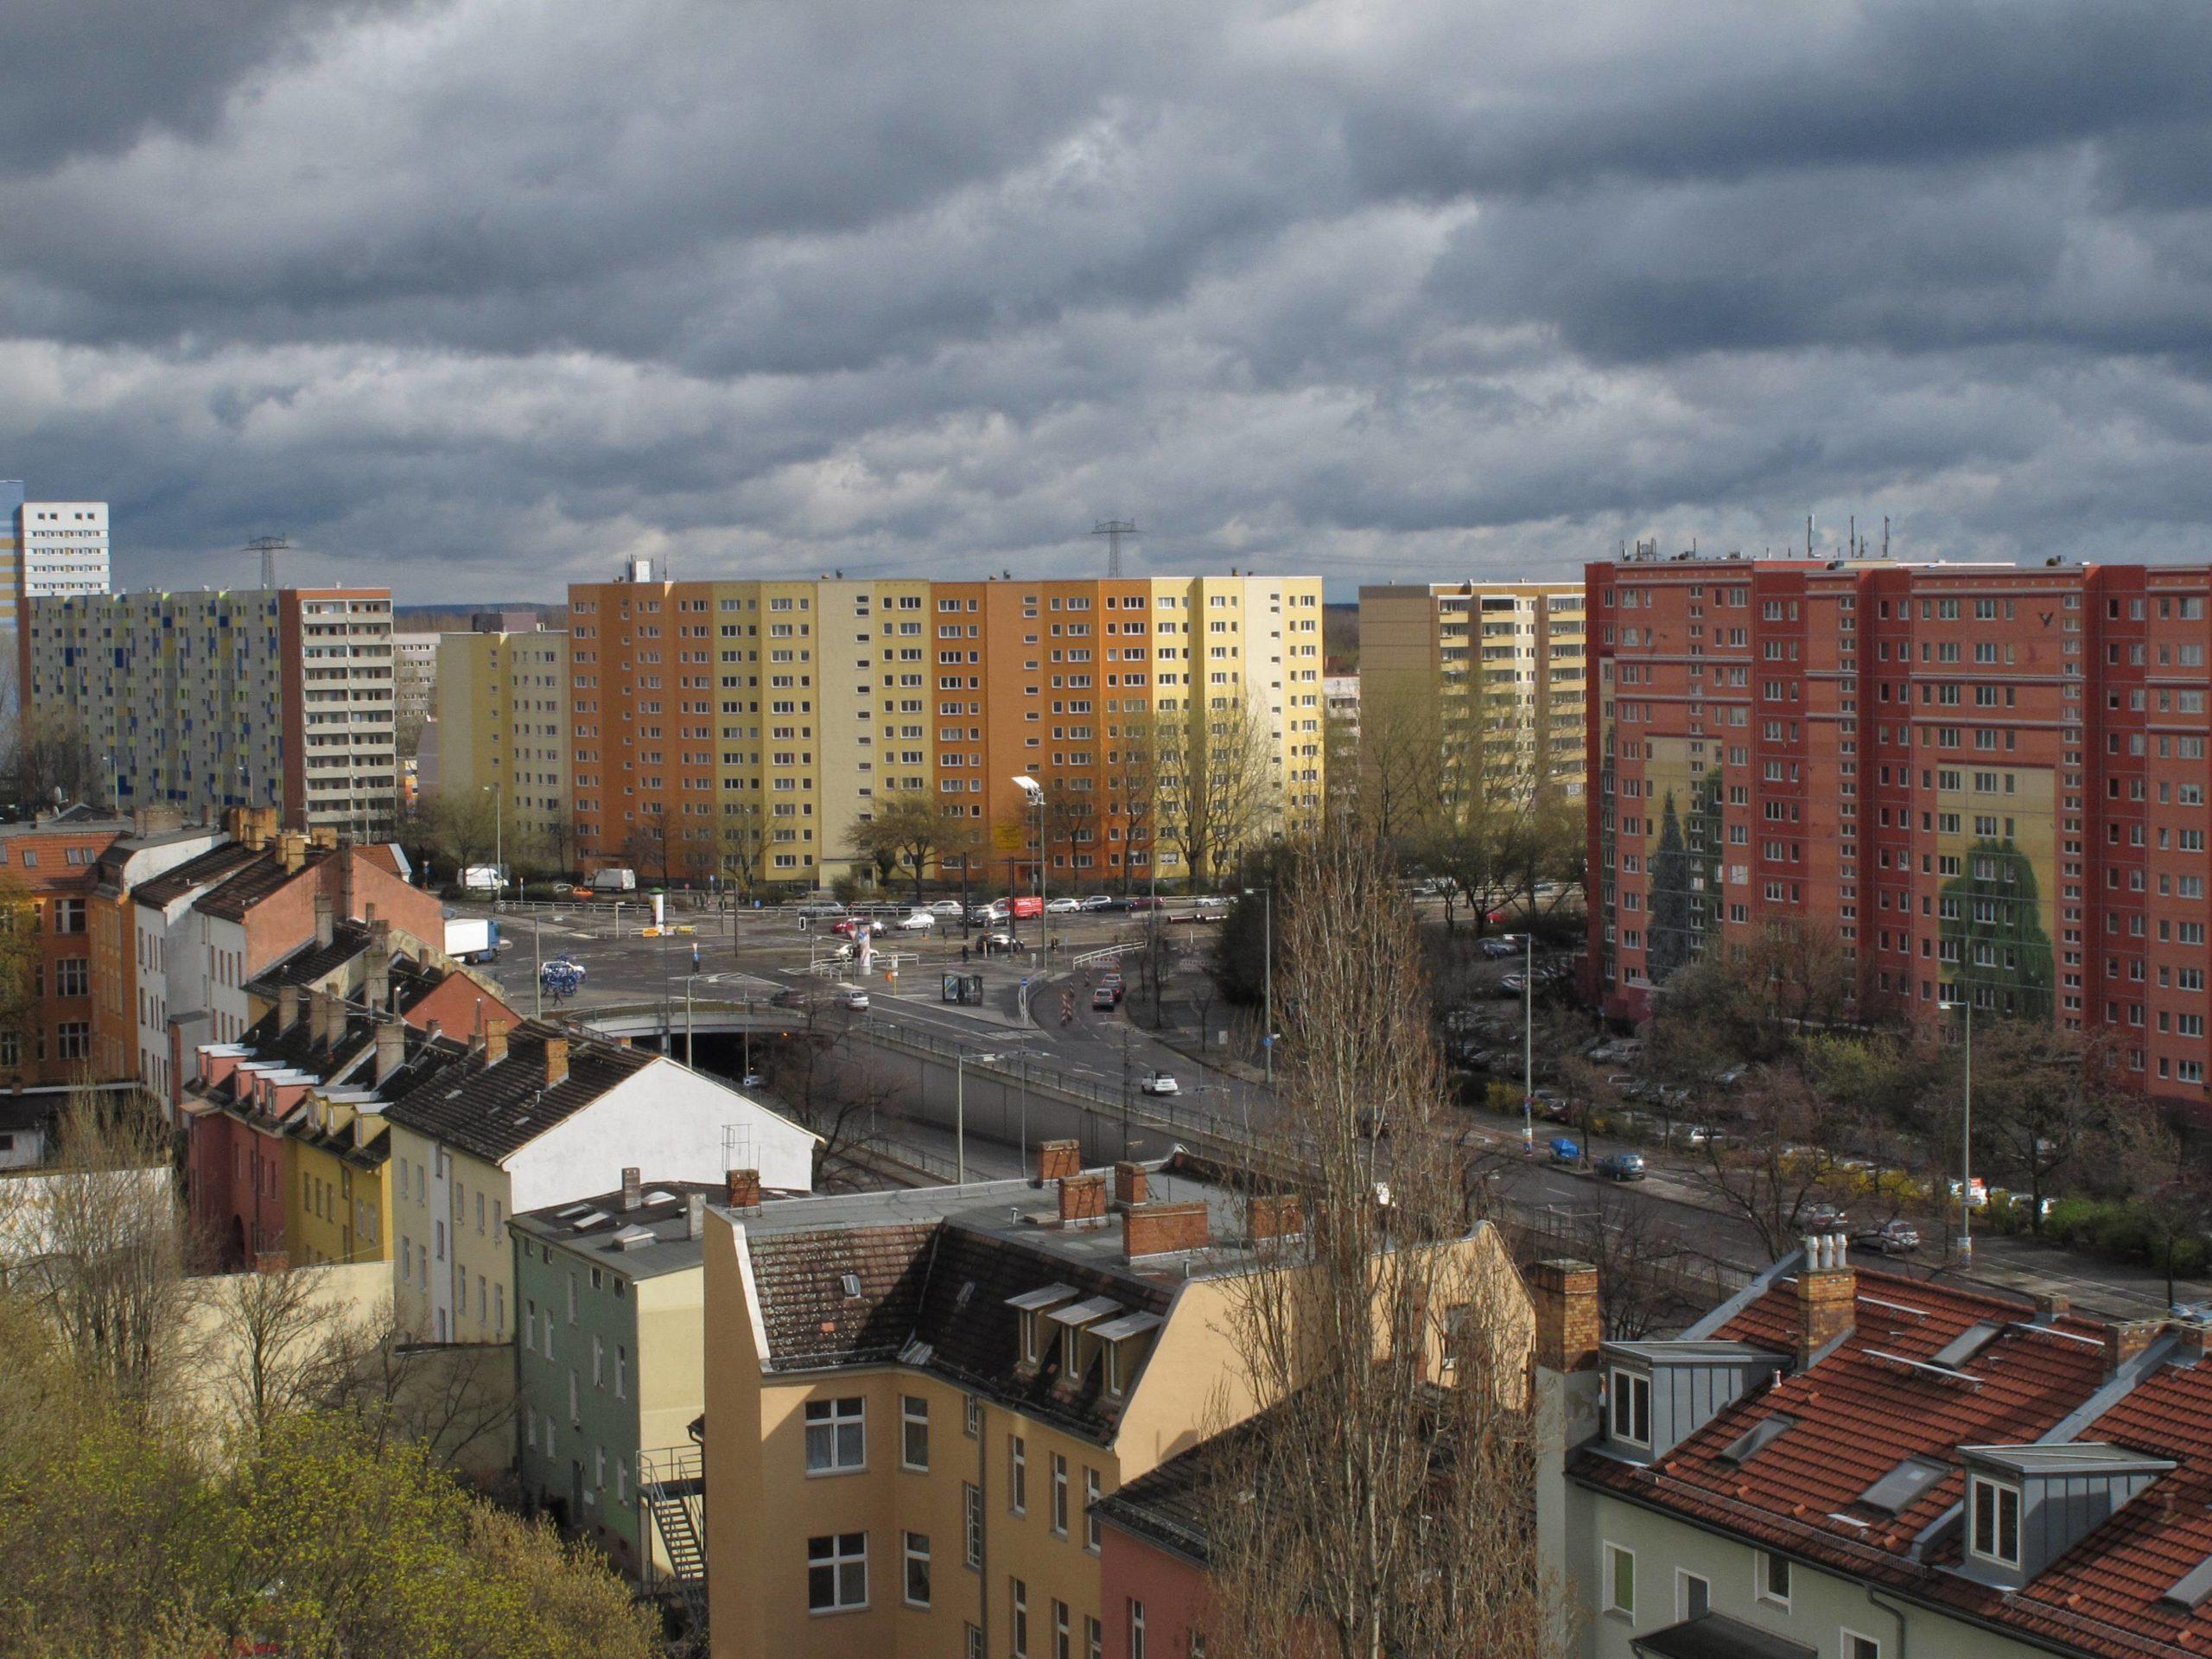 Plattenbauten am Friedrichsfelder Tor mit Berlins größten Wandgemälde (im Foto rechts). Nördlich davon sind die Mieten in Berlin noch günstig. Foto: Imago/Hohlfeld